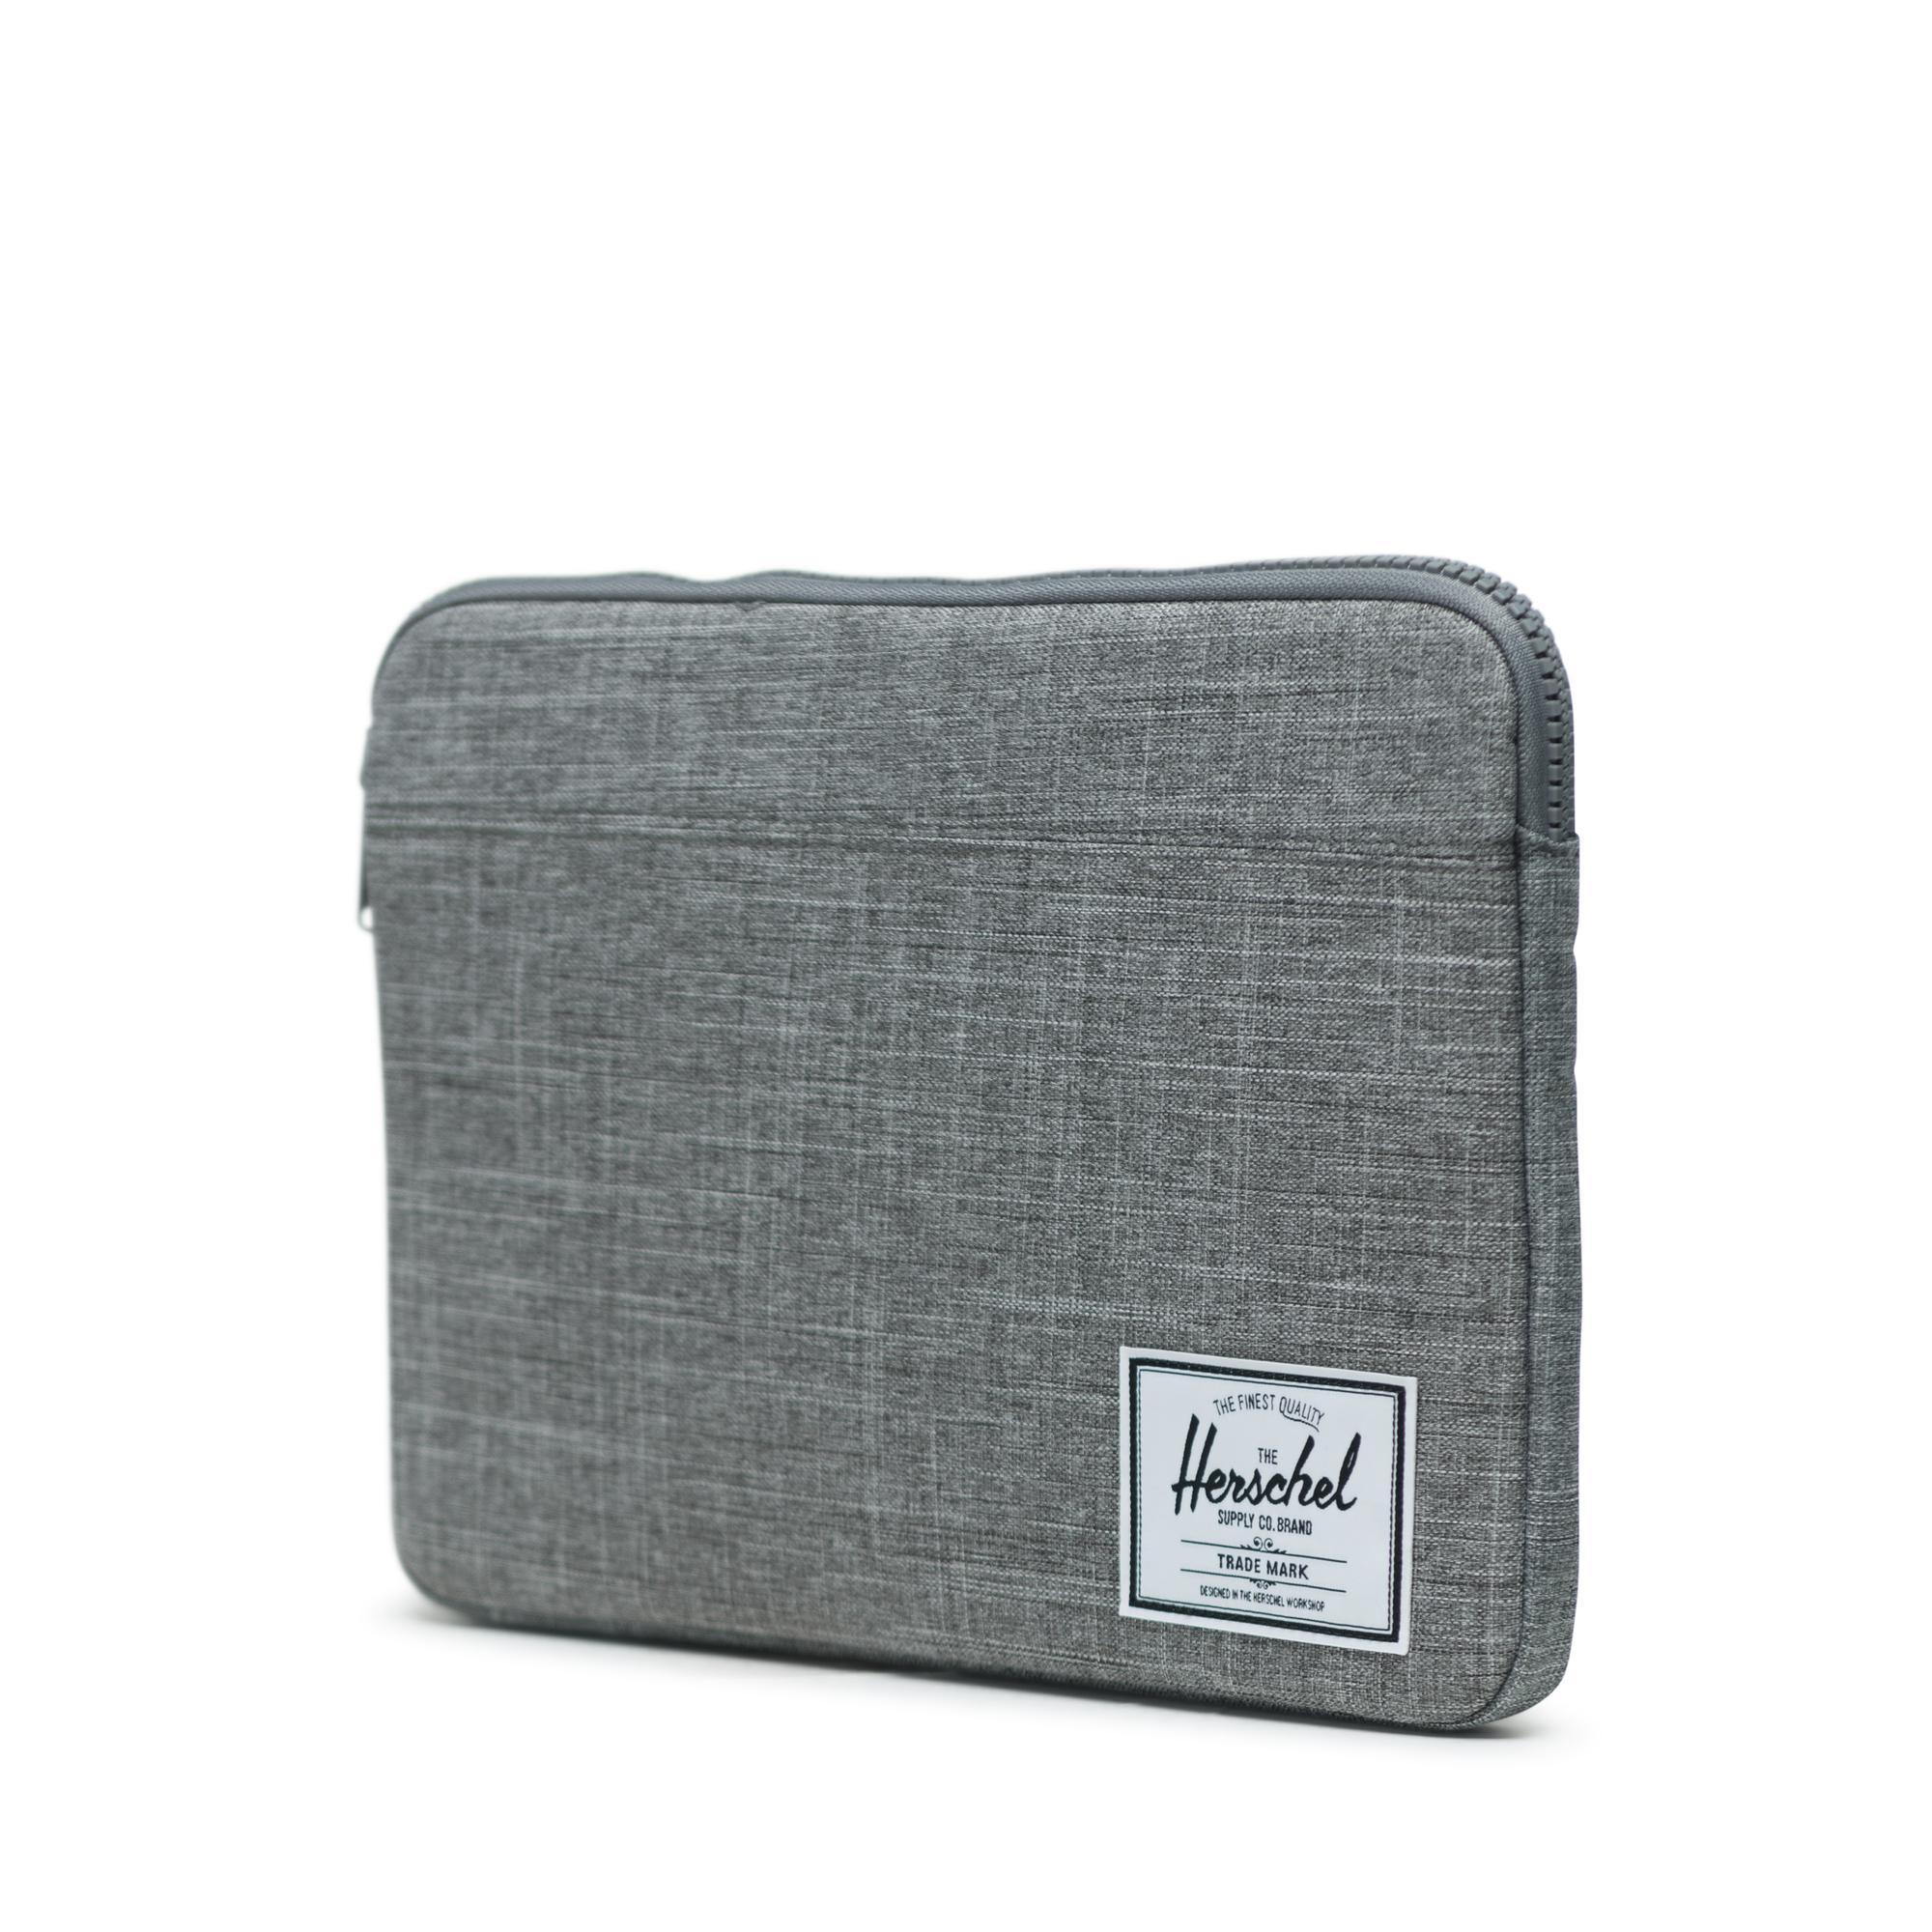 2b8a78530d Laptop Sleeves